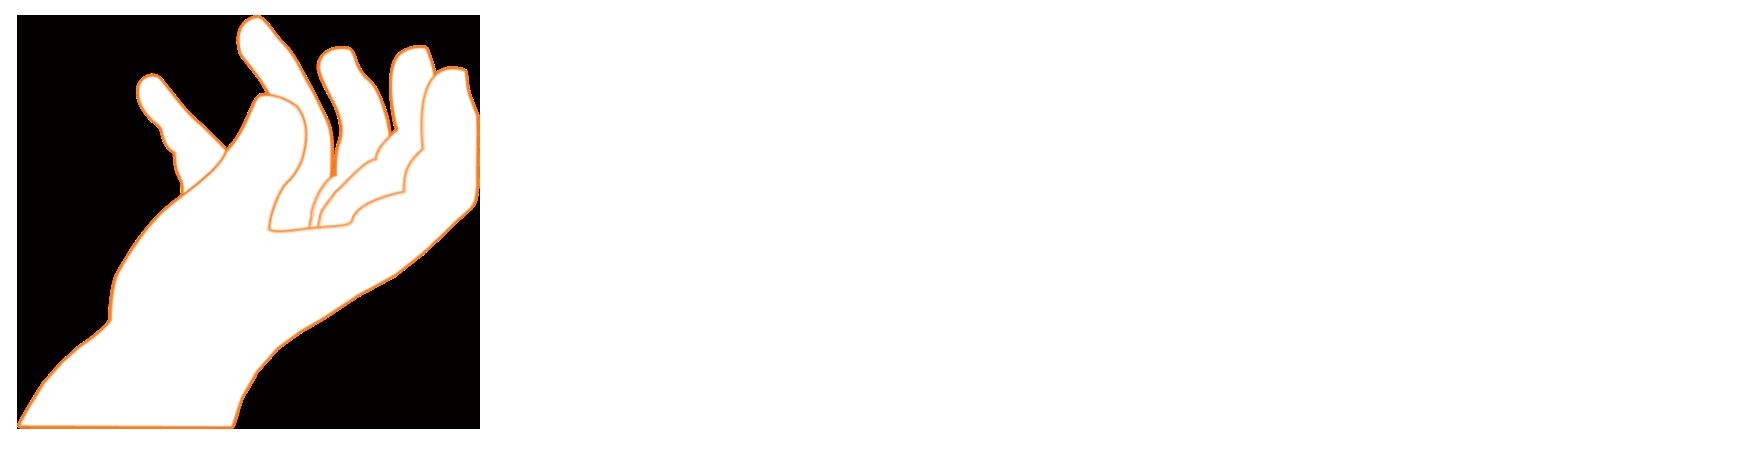 Gürol Arslan Mimarlık - Mimari Görselleştirme - Animasyon